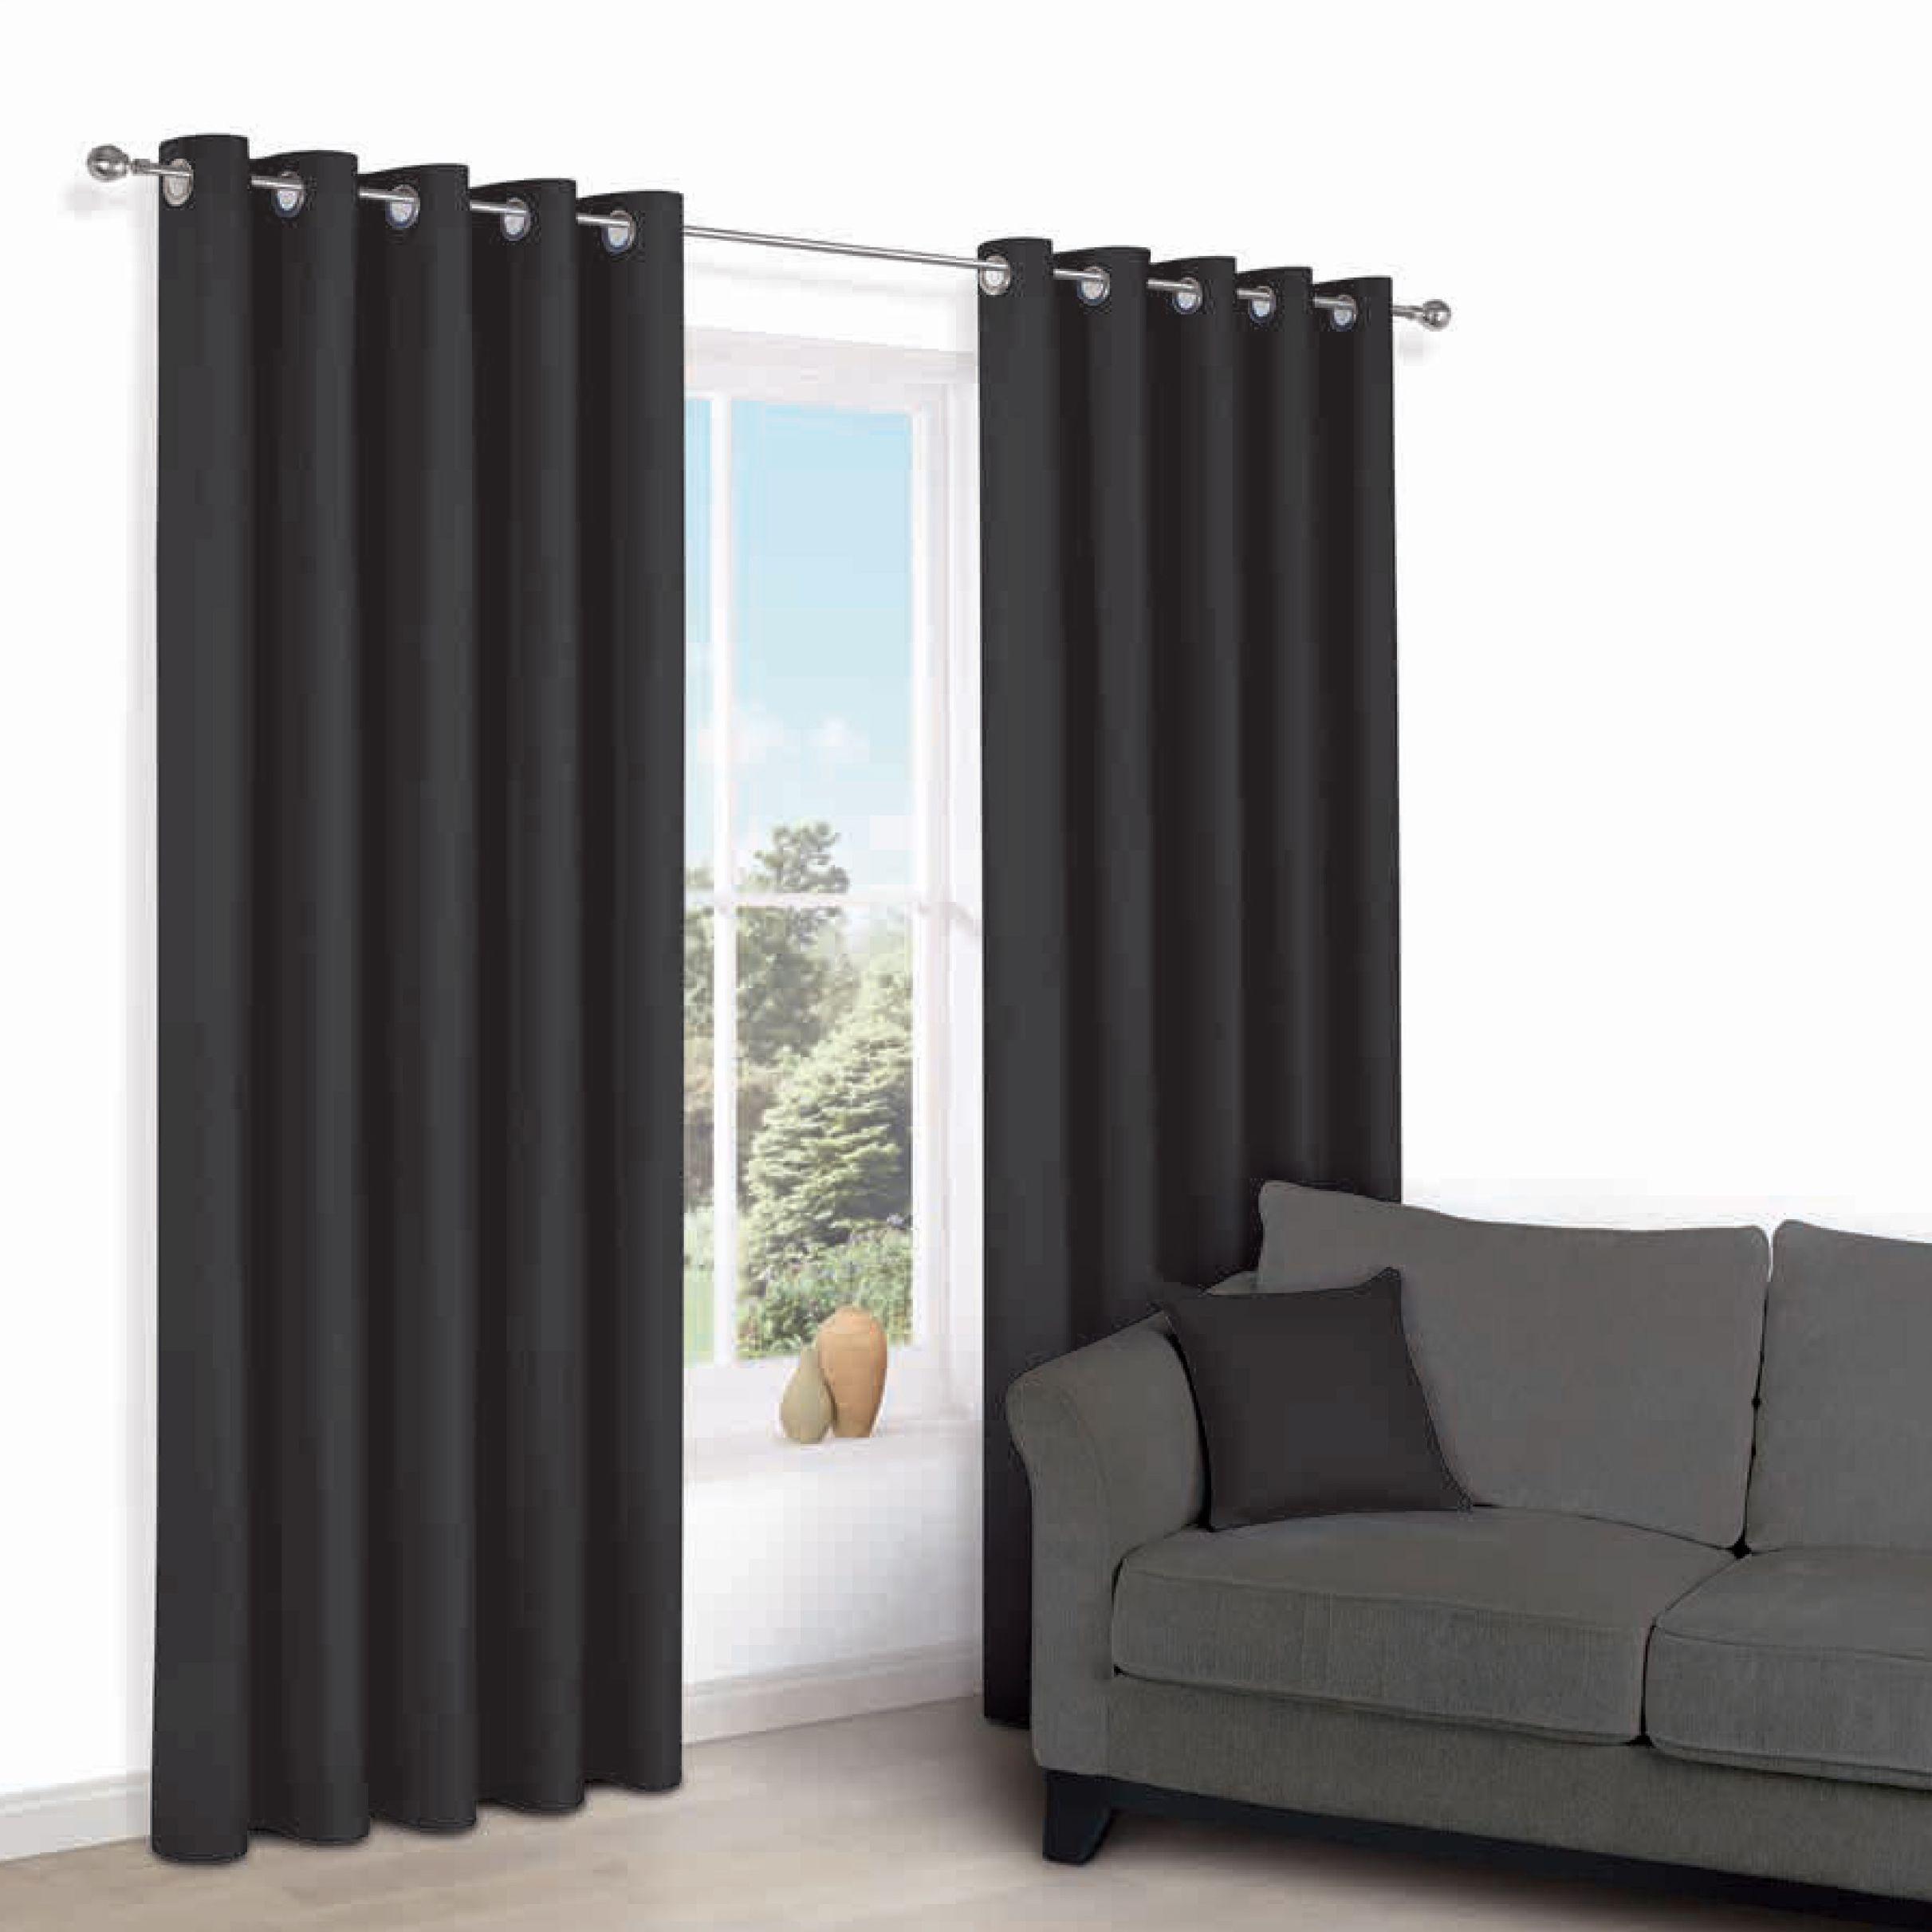 Zen Black Plain Eyelet Curtains W 117cm L 137cm Departments DIY At B Q